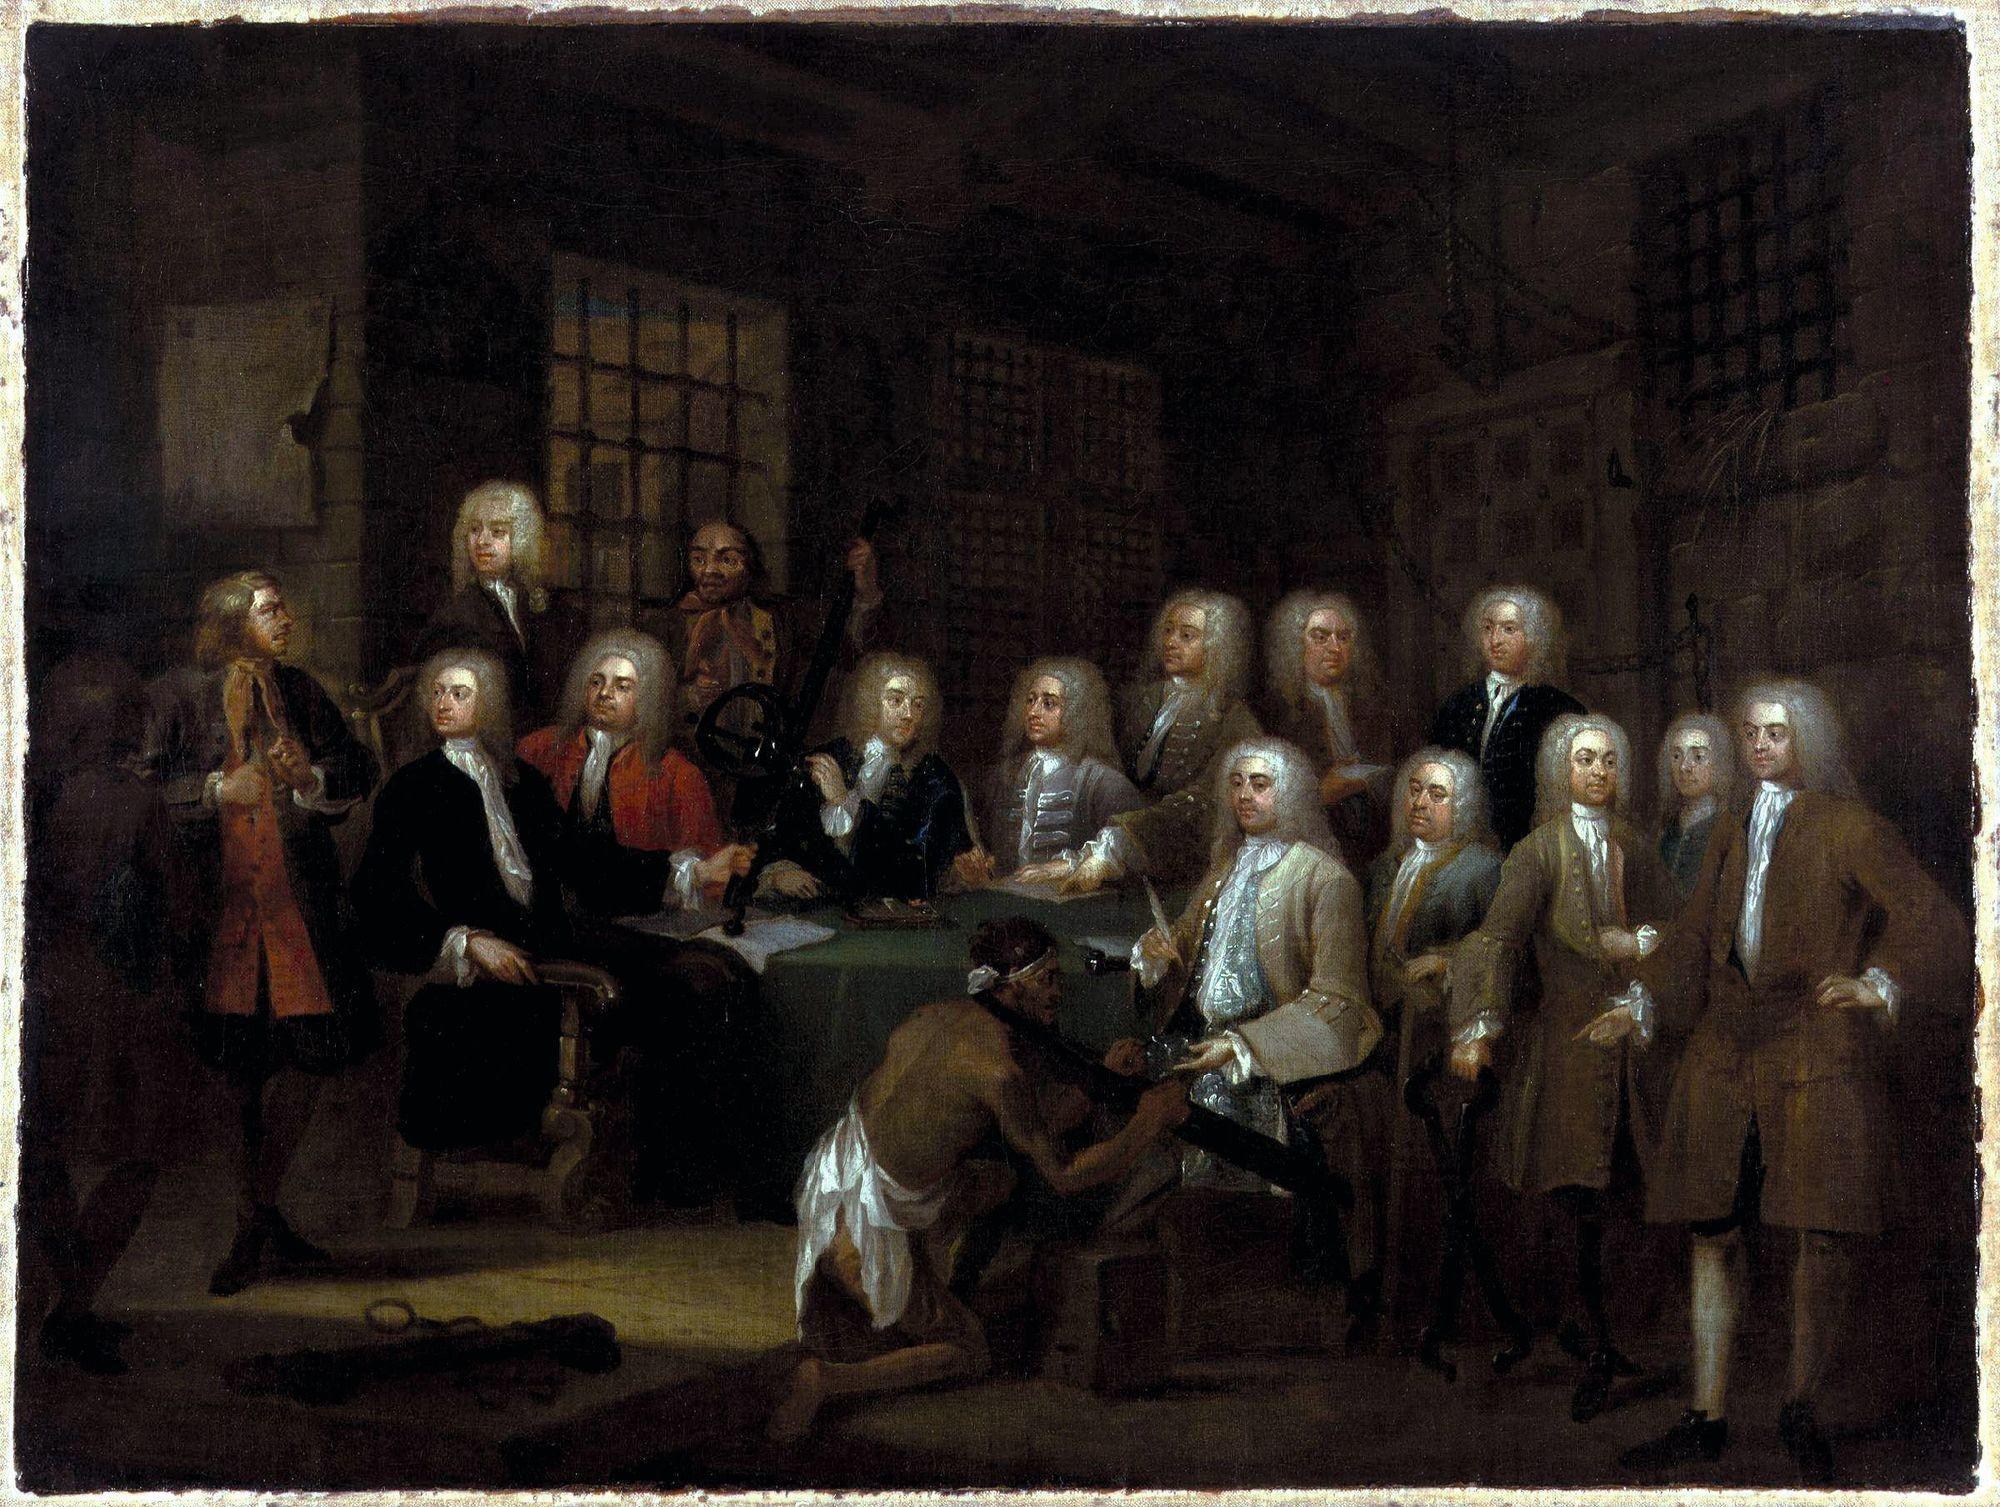 William Hogarth, Le Comité prison de la Chambre des Communes, v. 1729, huile sur toile, 51,9 x 68,8 cm, National Portrait Gallery, Londres